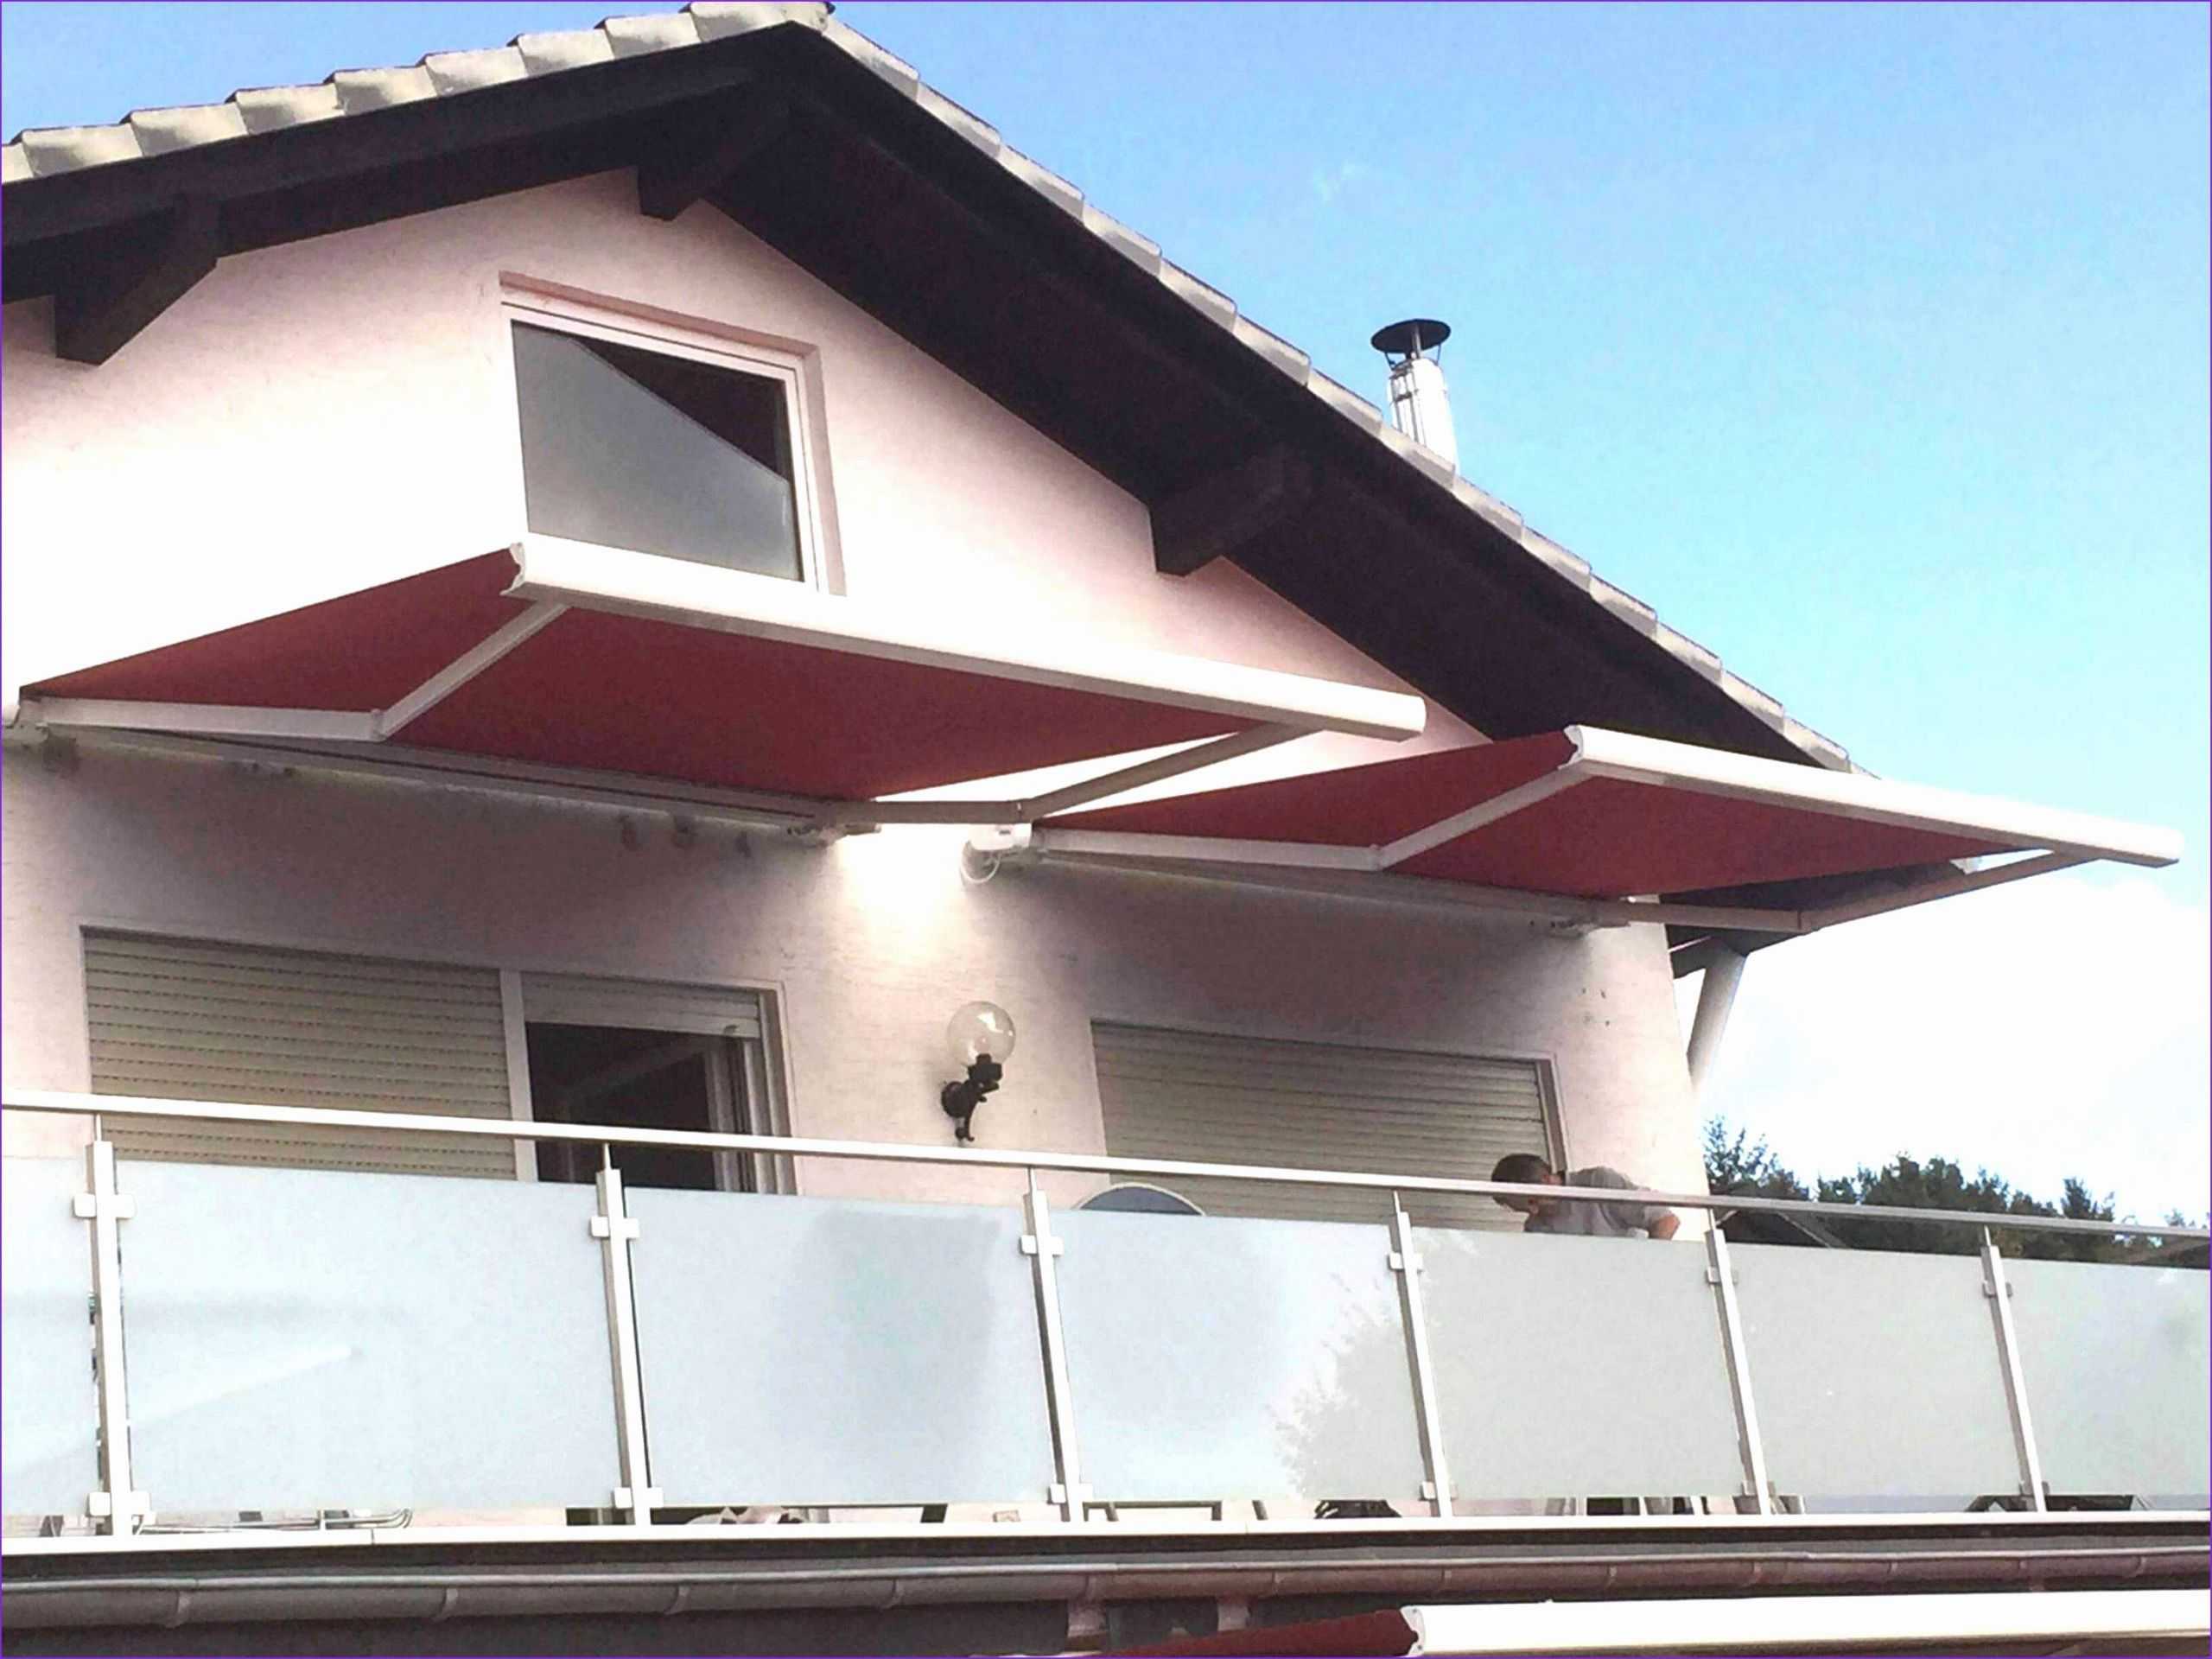 sichtschutz fenster ideen das beste von balkon seitenwand fenster sichtschutzfolie 0d archives terrasse of sichtschutz fenster ideen